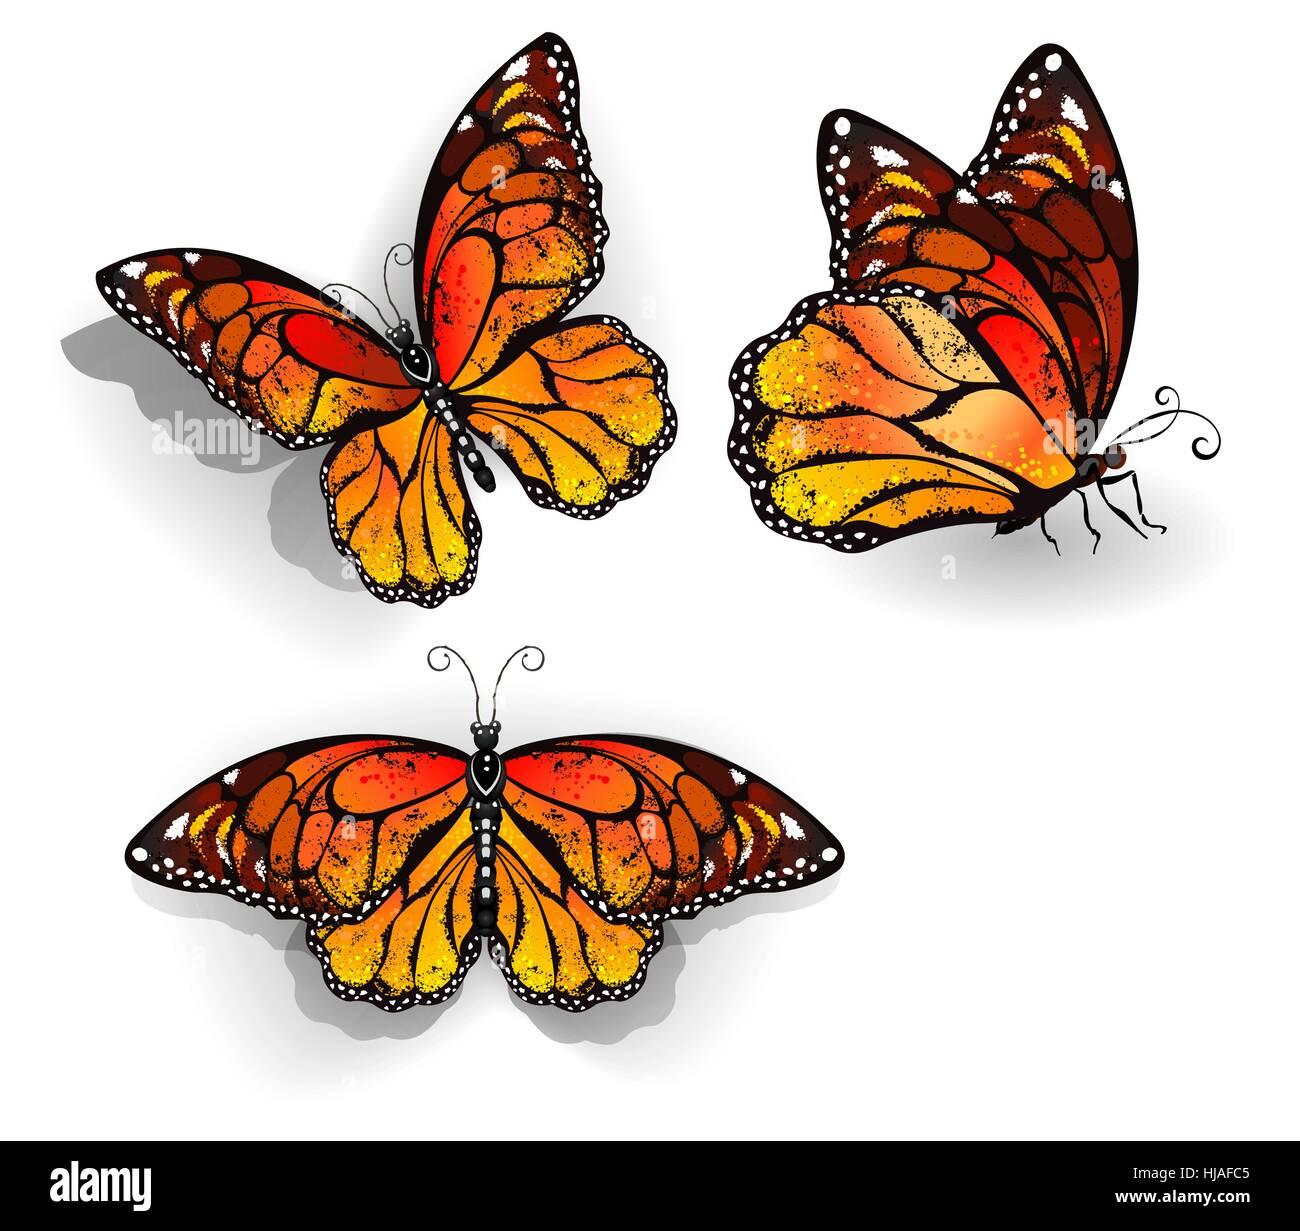 Beste Monarchfalter Lebenszyklus Färbung Seite Bilder - Beispiel ...